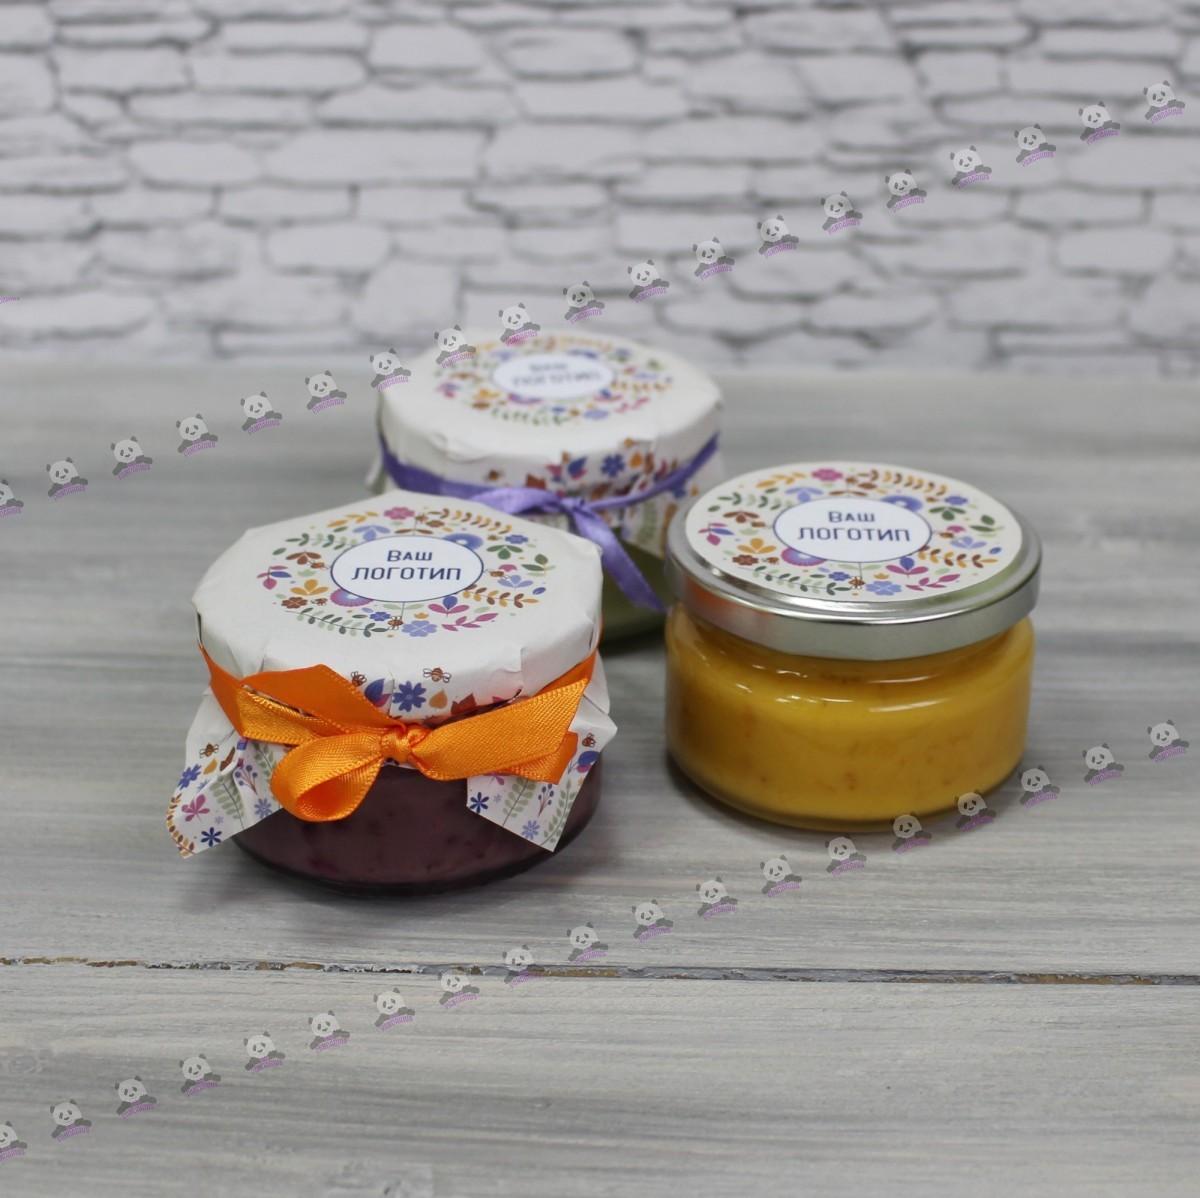 Крем-мёд с логотипом от производителя